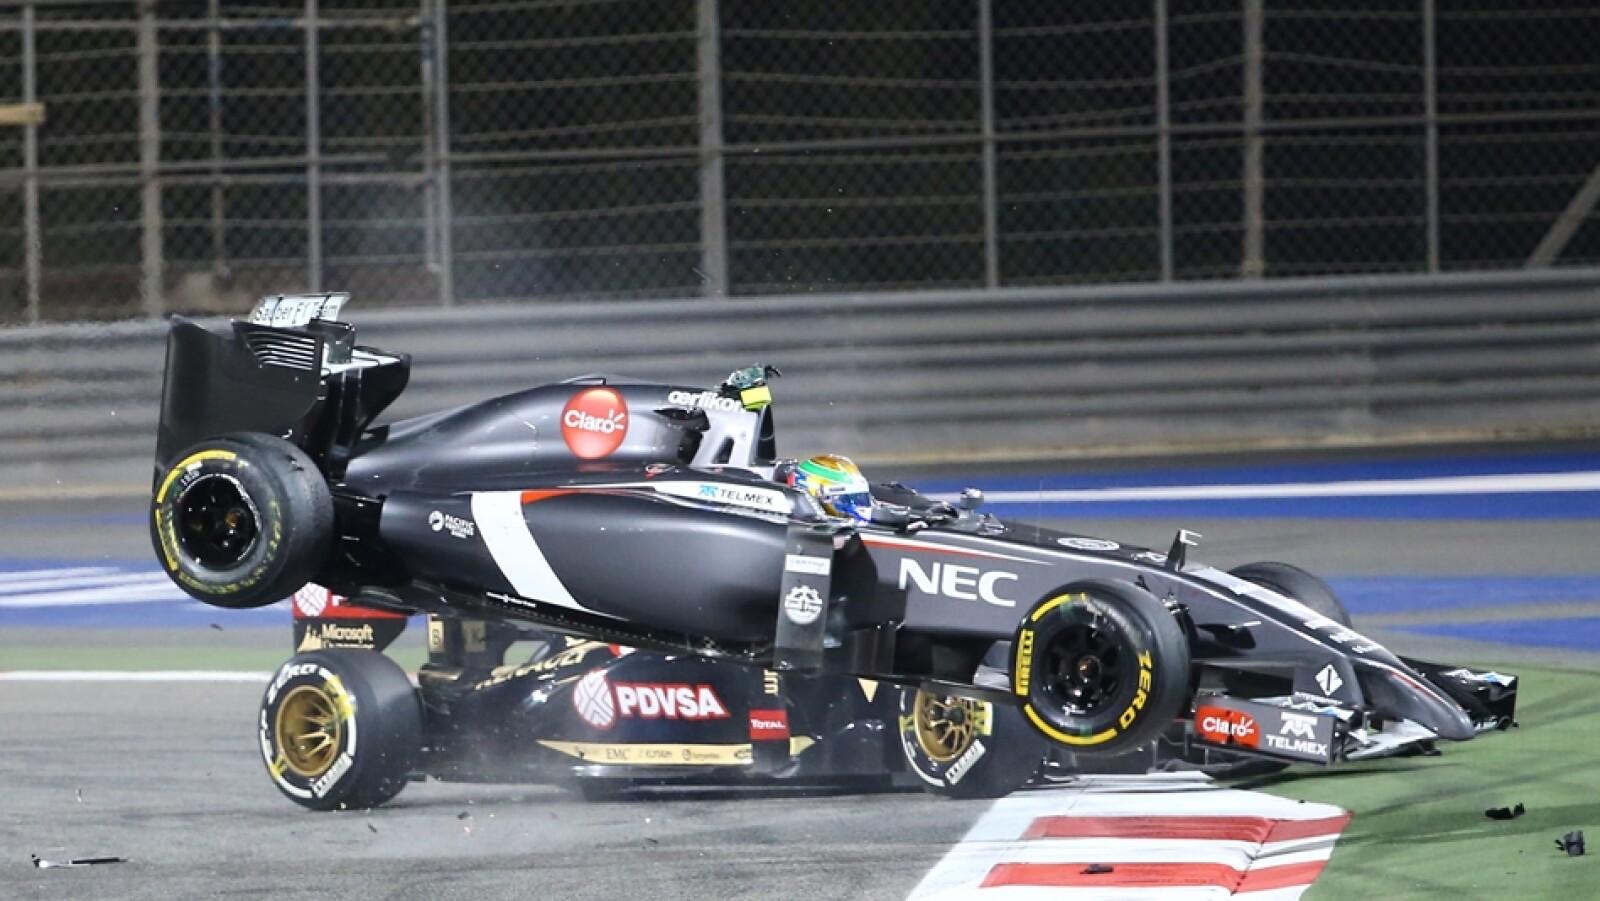 El incidente obligó a Gutiérrez a abandonar la carrera en la vuelta 41